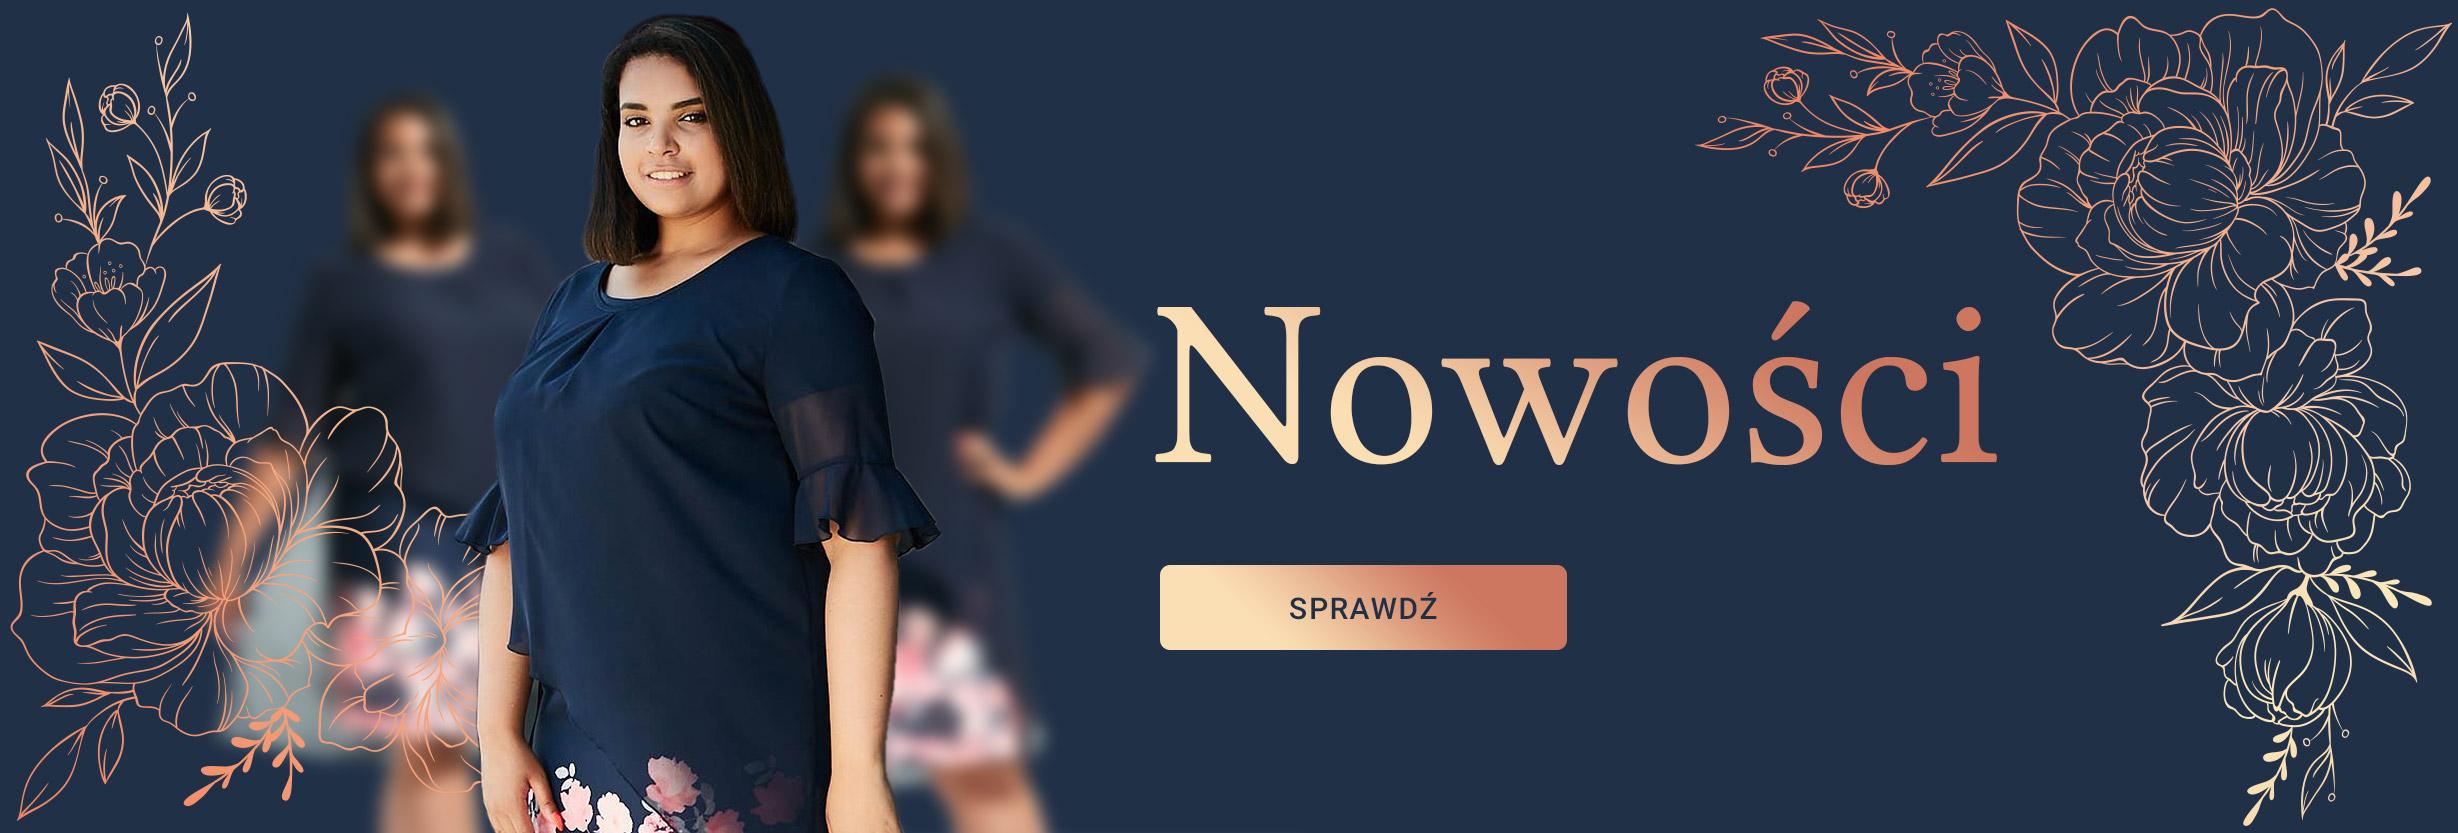 acbd7244d50062 Odzież damska XXL dla puszystych, modne duże rozmiary - Moda Size ...